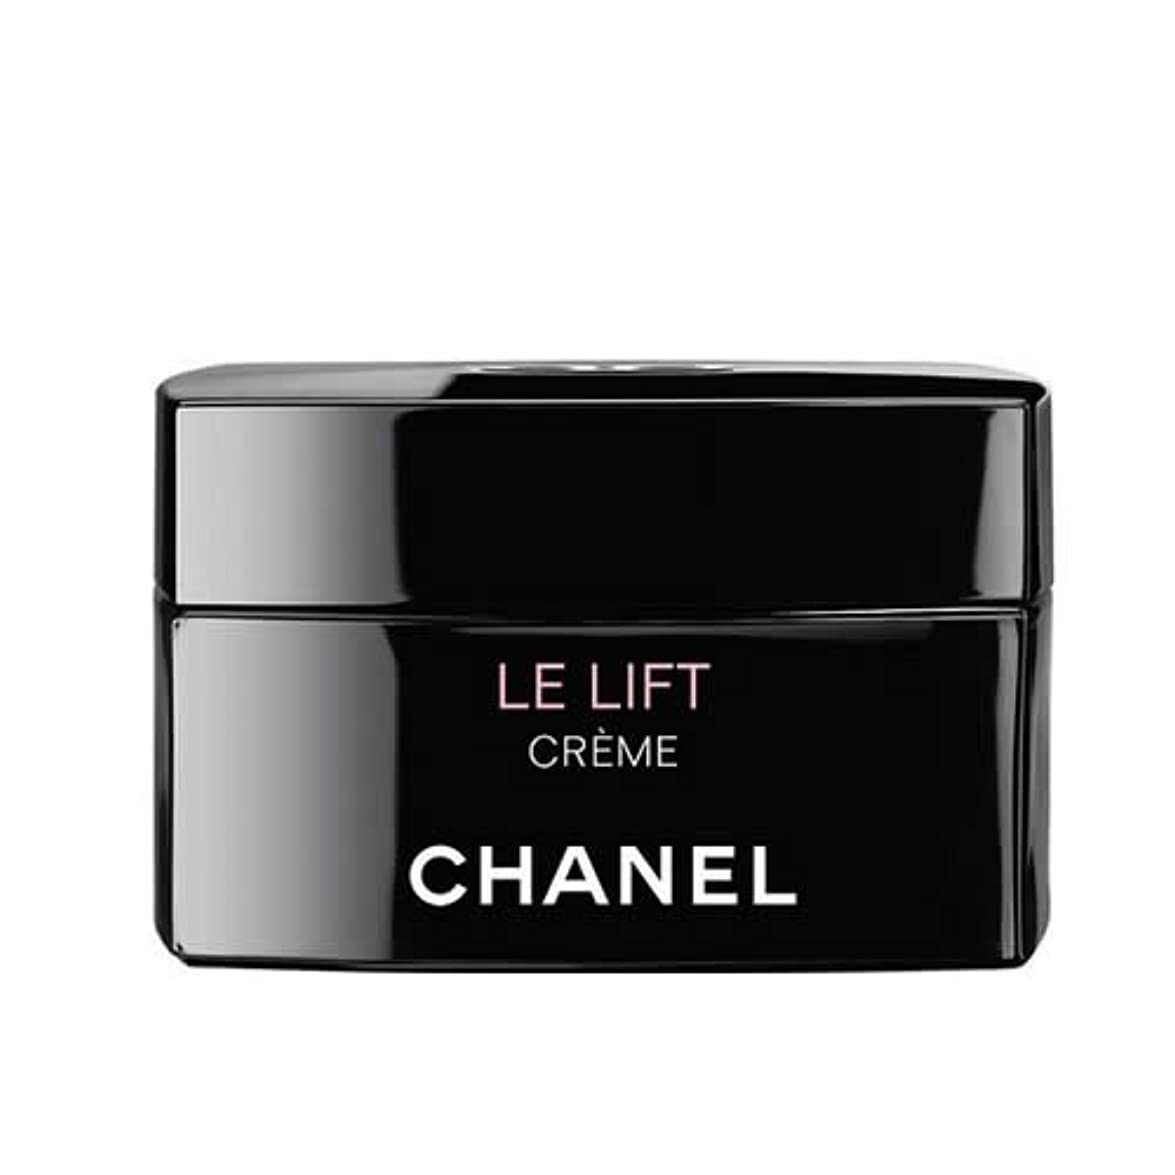 じゃがいも温かい気候シャネル(CHANEL) LE L クレーム 50g (クリーム)[並行輸入品]